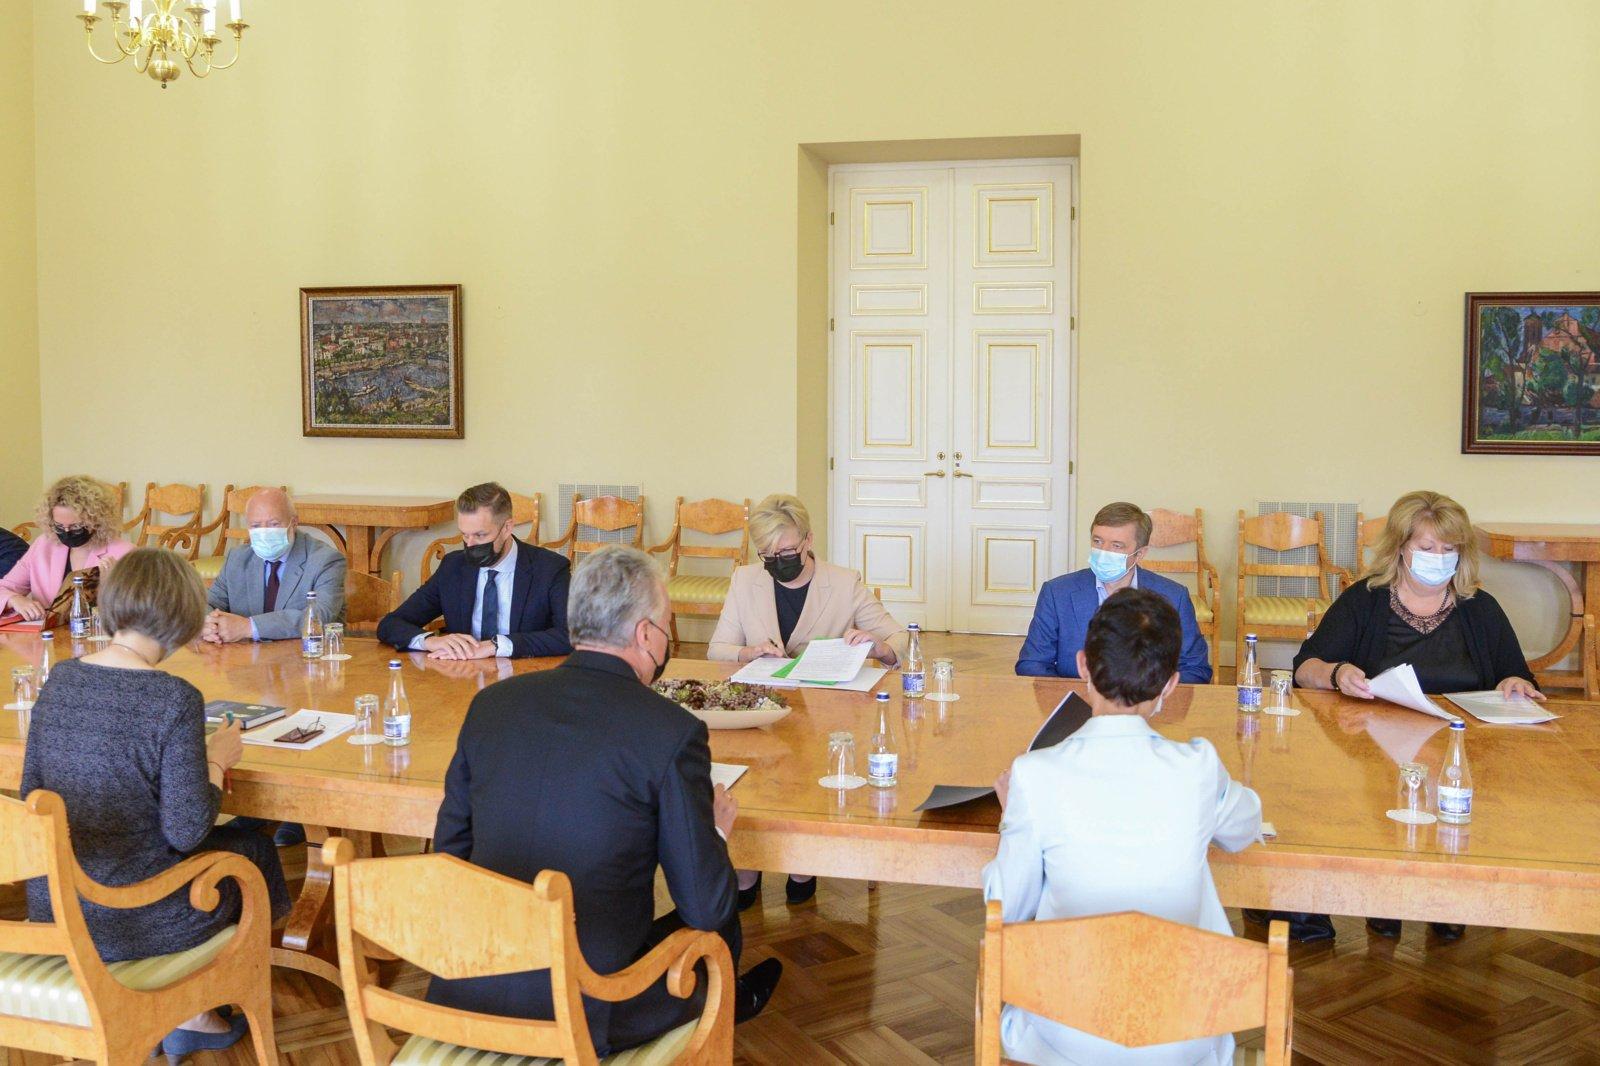 Su prezidentu susitikę partijų lyderiai pasidalino savo siūlymais, kaip spręsti nelegalių migrantų sukeltą krizę